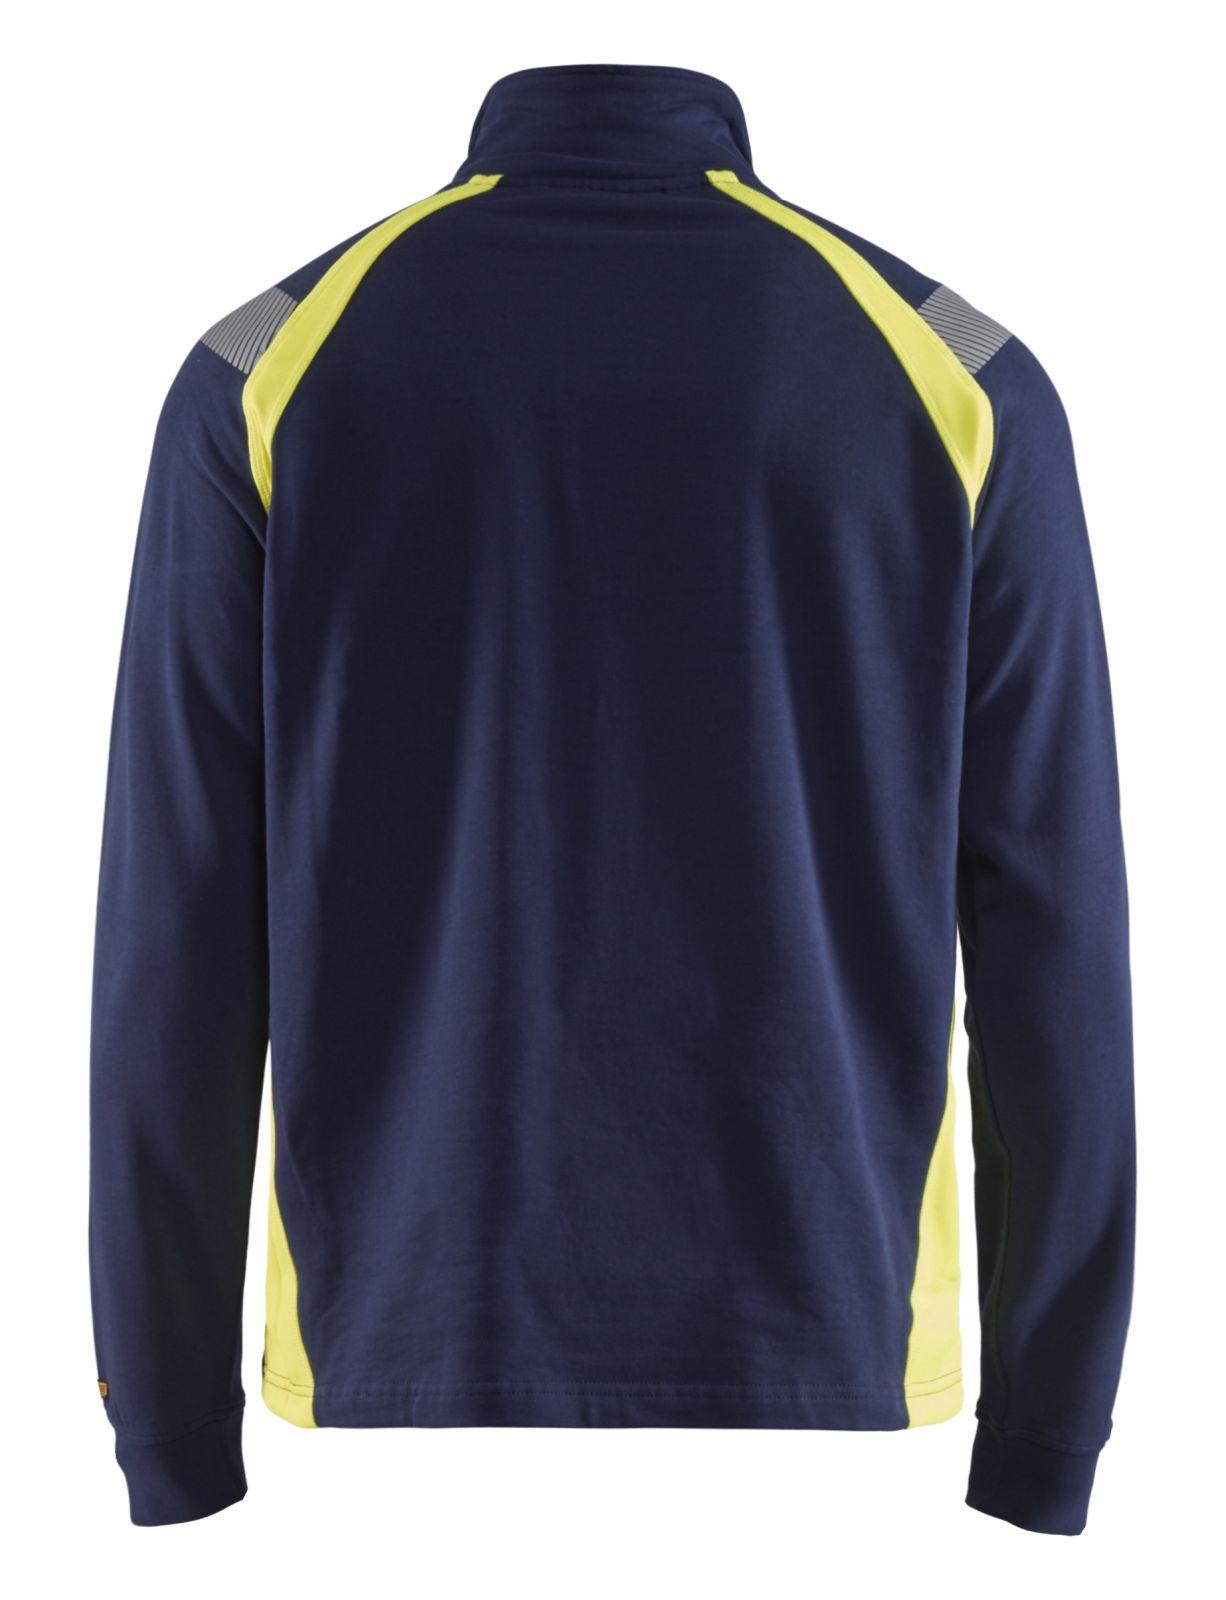 Blaklader Truien 34321158 marineblauw-geel(8933)